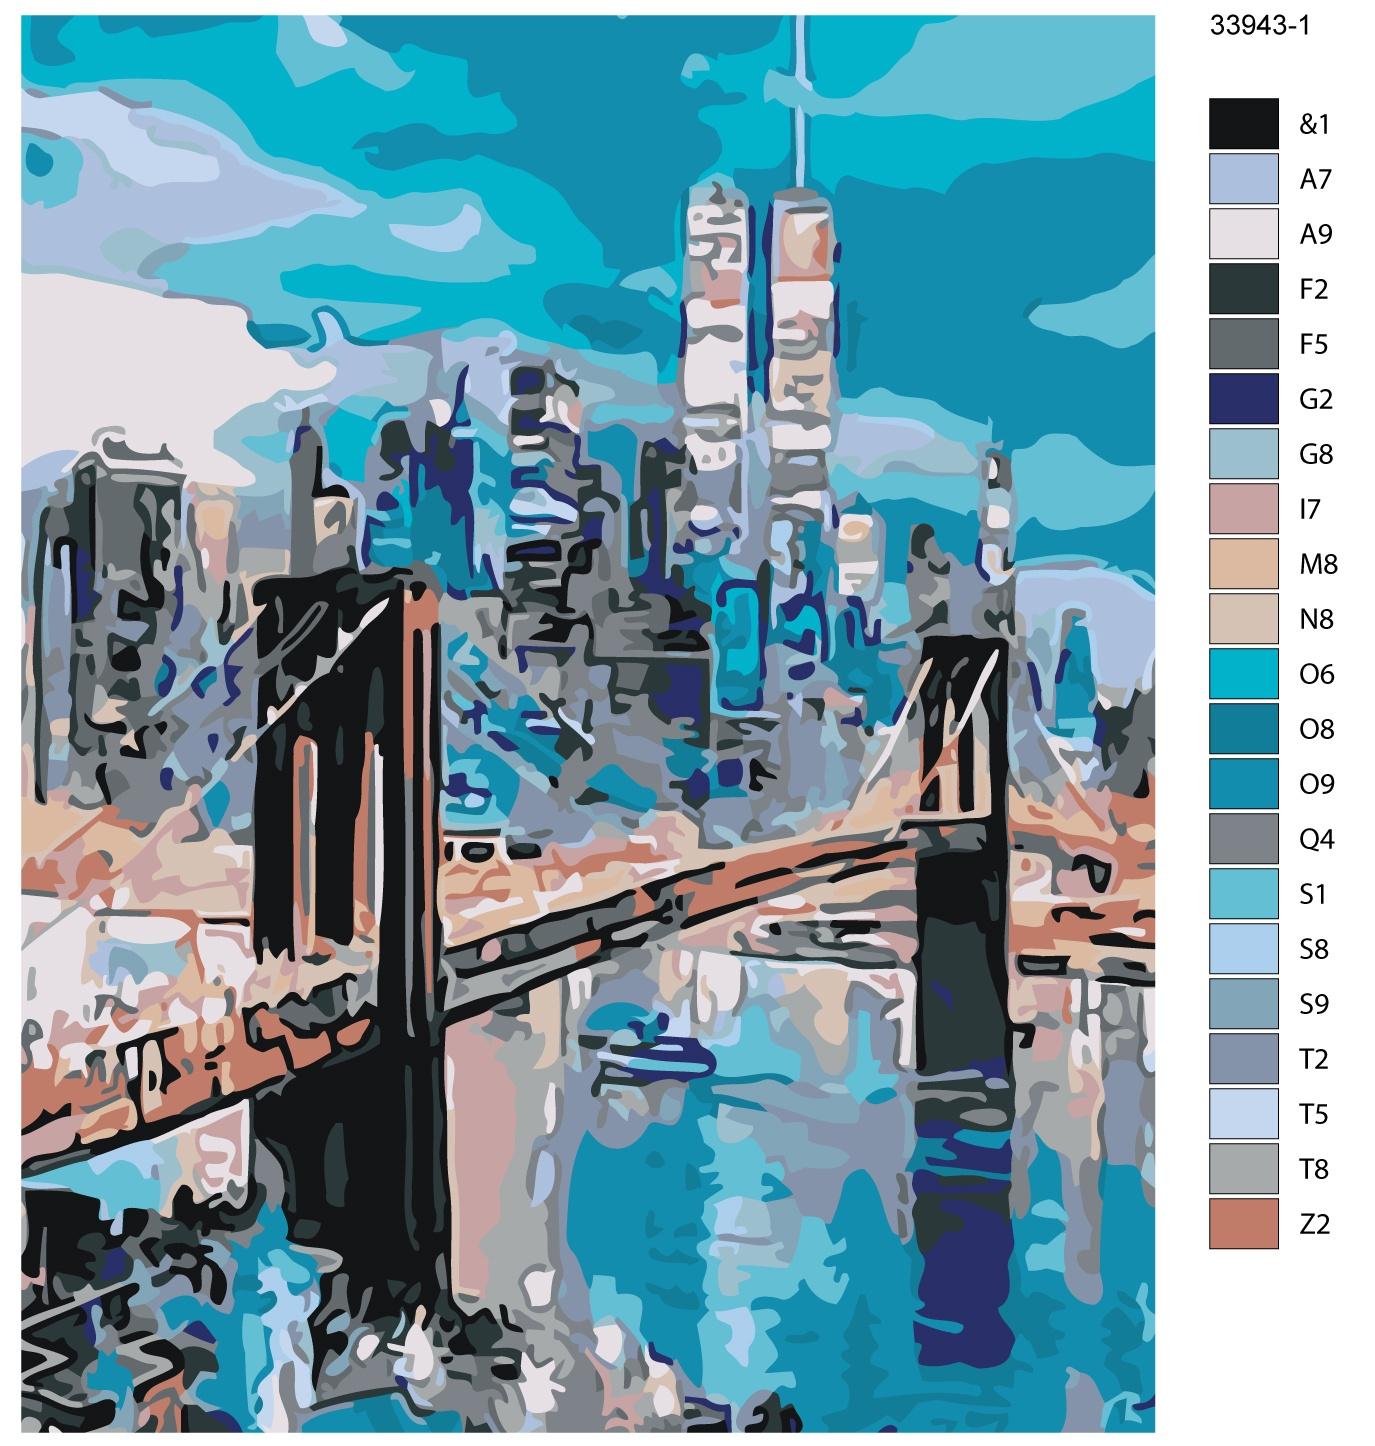 Картина по номерам, 80 x 100 см, KTMK-33943-1